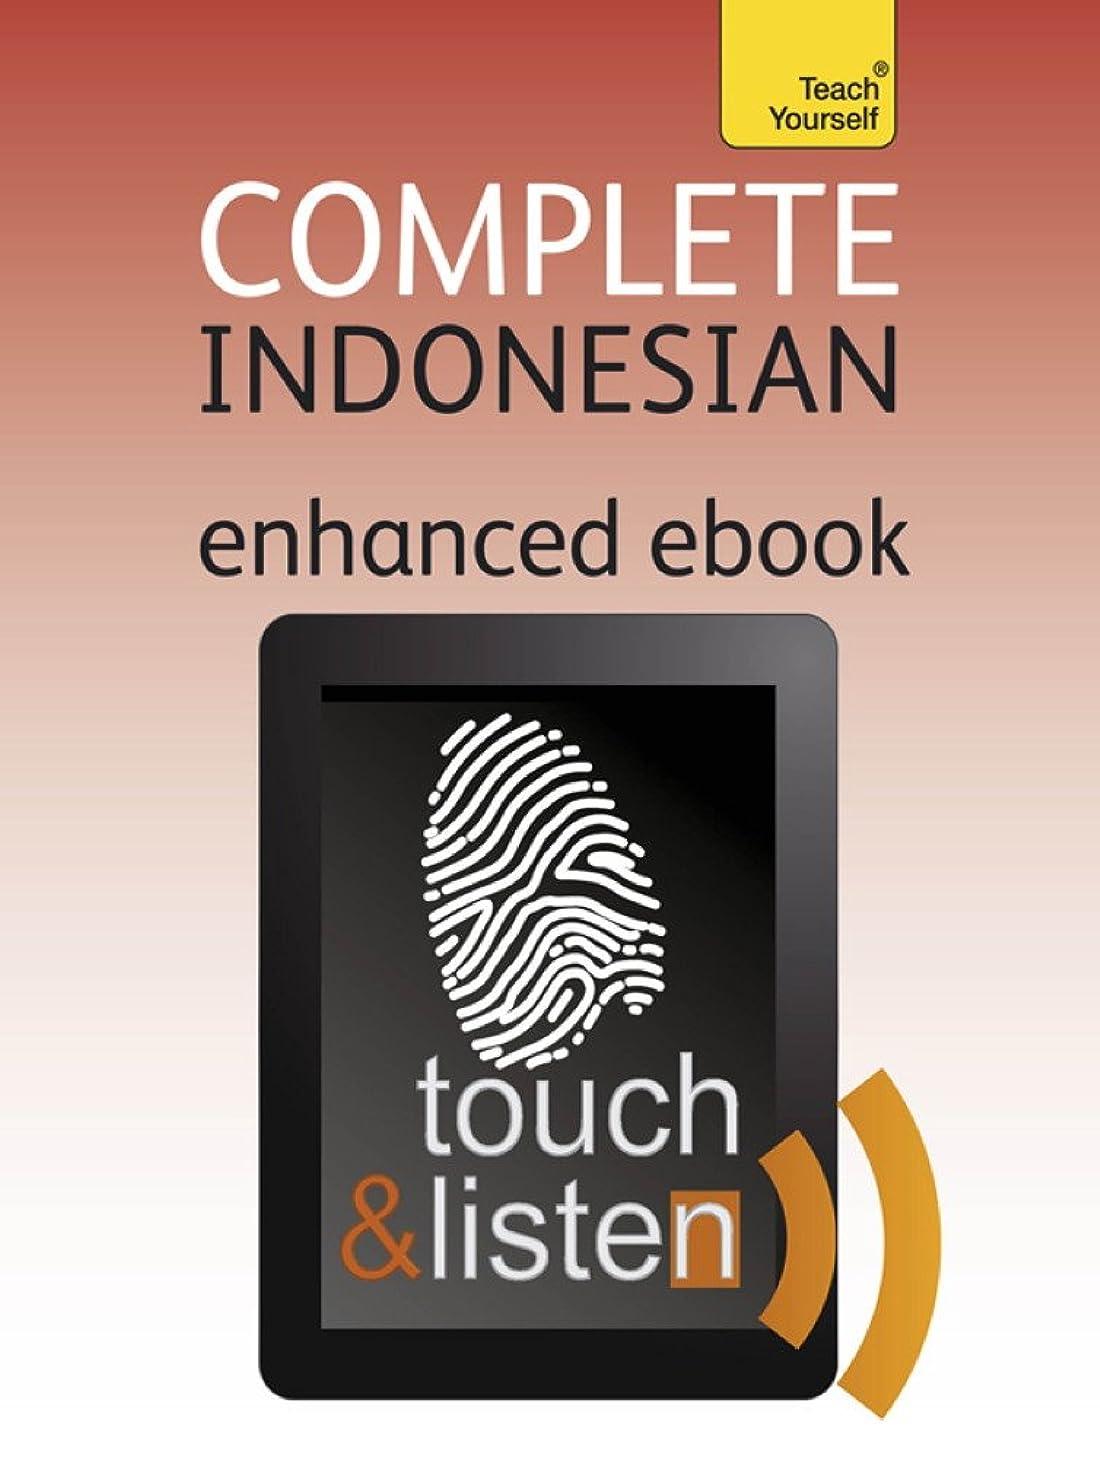 賞賛半球率直なComplete Indonesian (Bahasa Indonesia): Teach Yourself: Audio eBook (Teach Yourself Audio eBooks) (English Edition)